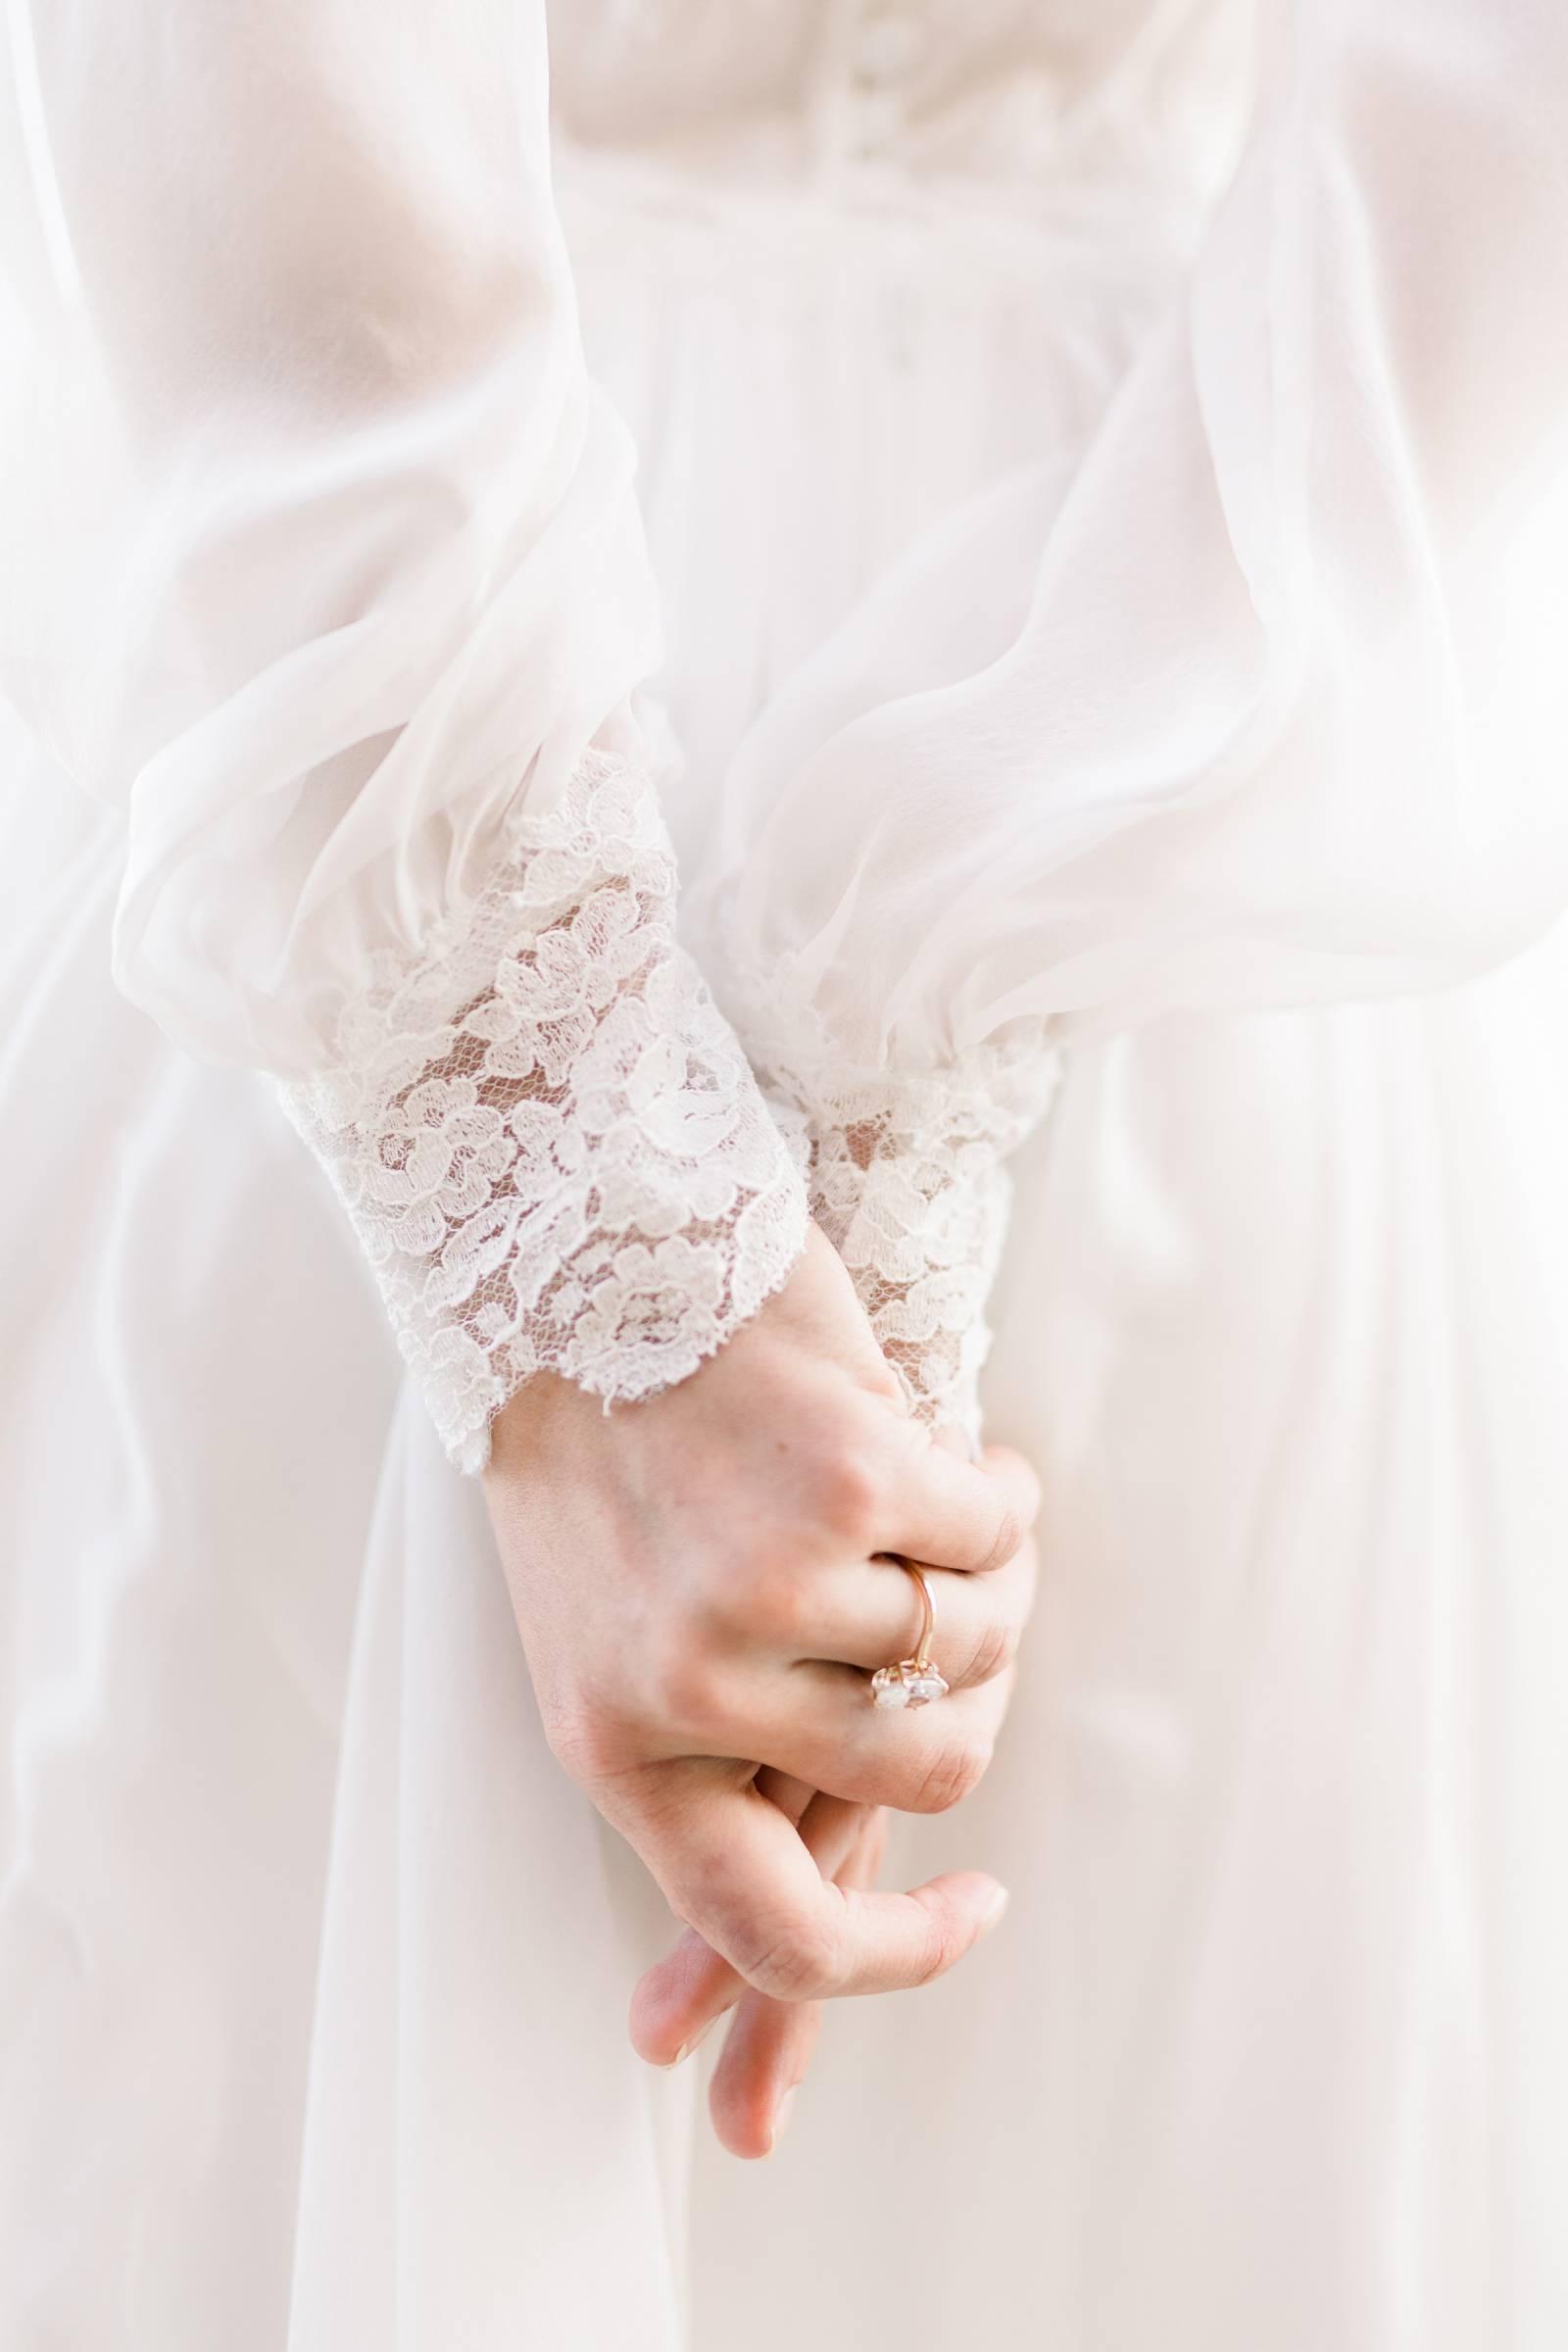 Rossini-Weddings-tuscany-wedding10